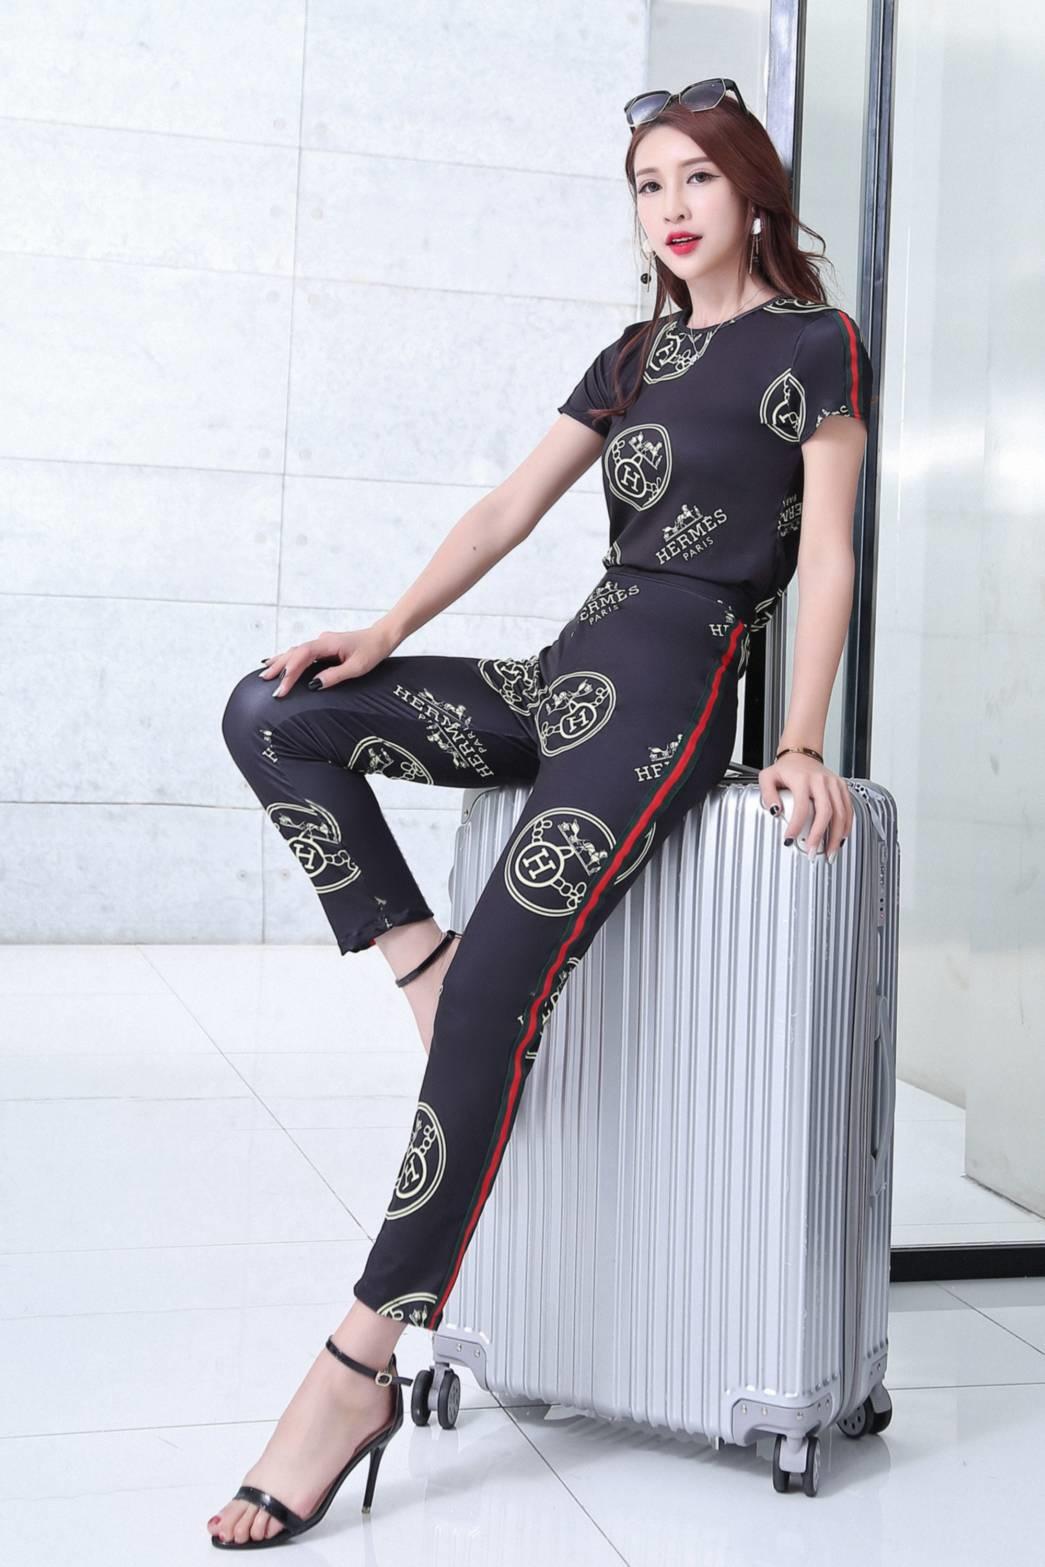 เสื้อผ้าแฟชั่นพร้อมส่ง เซทเสื้อ+กางเกงเอวสูง ใส่แล้สดูมีเอวสุดๆๆ